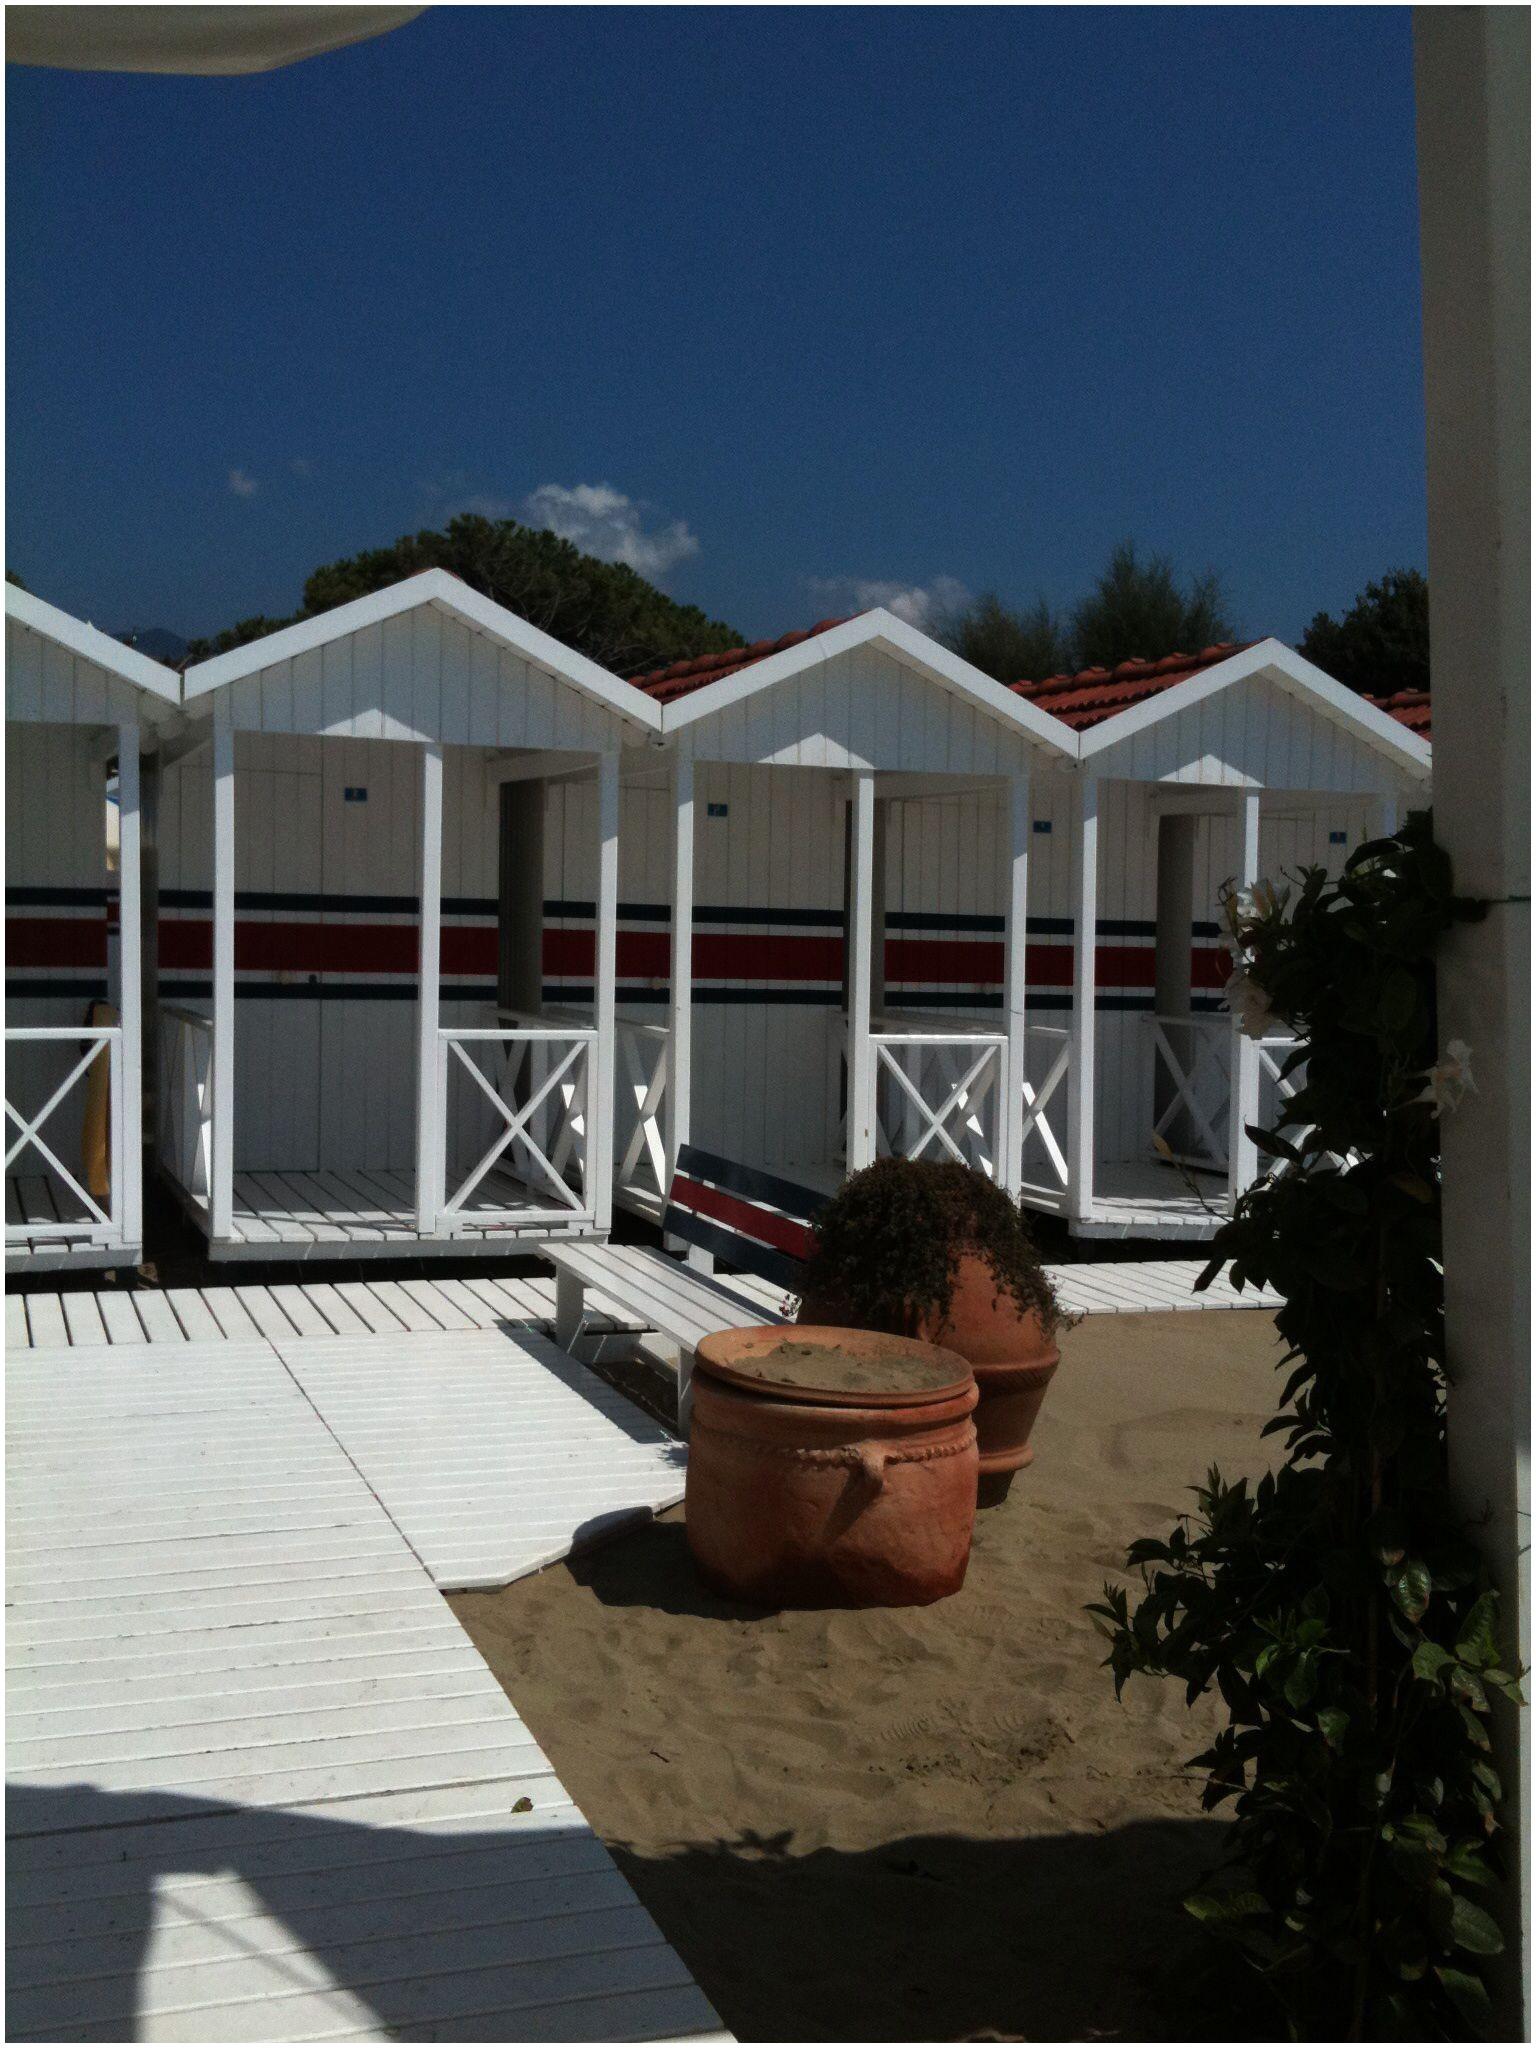 Beach huts in Forte dei Marmi Italy